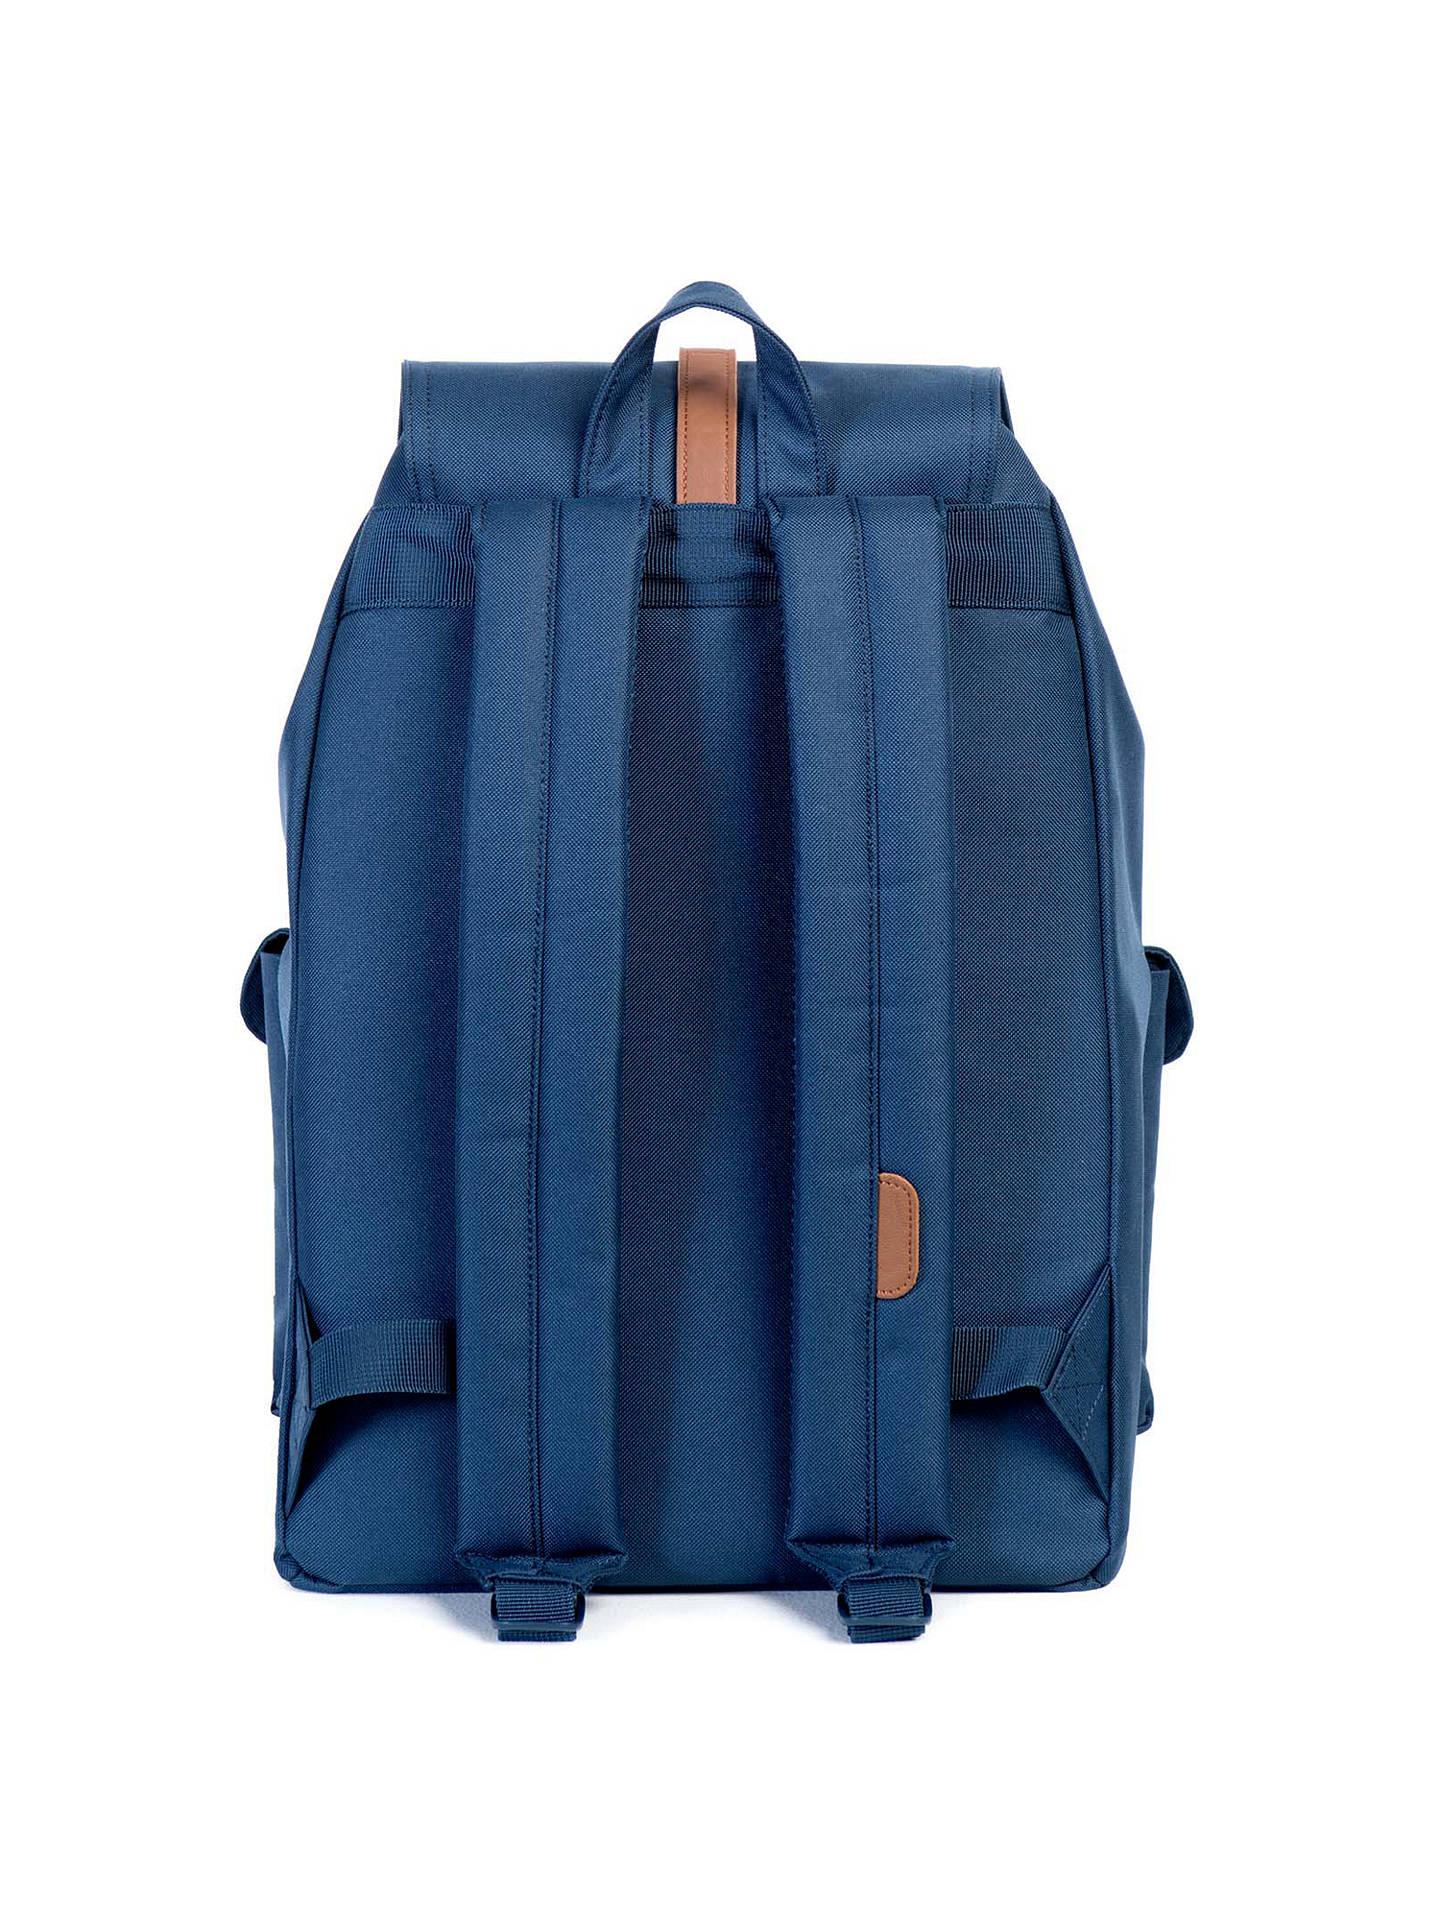 40b045c1edb ... Buy Herschel Supply Co. Dawson Backpack